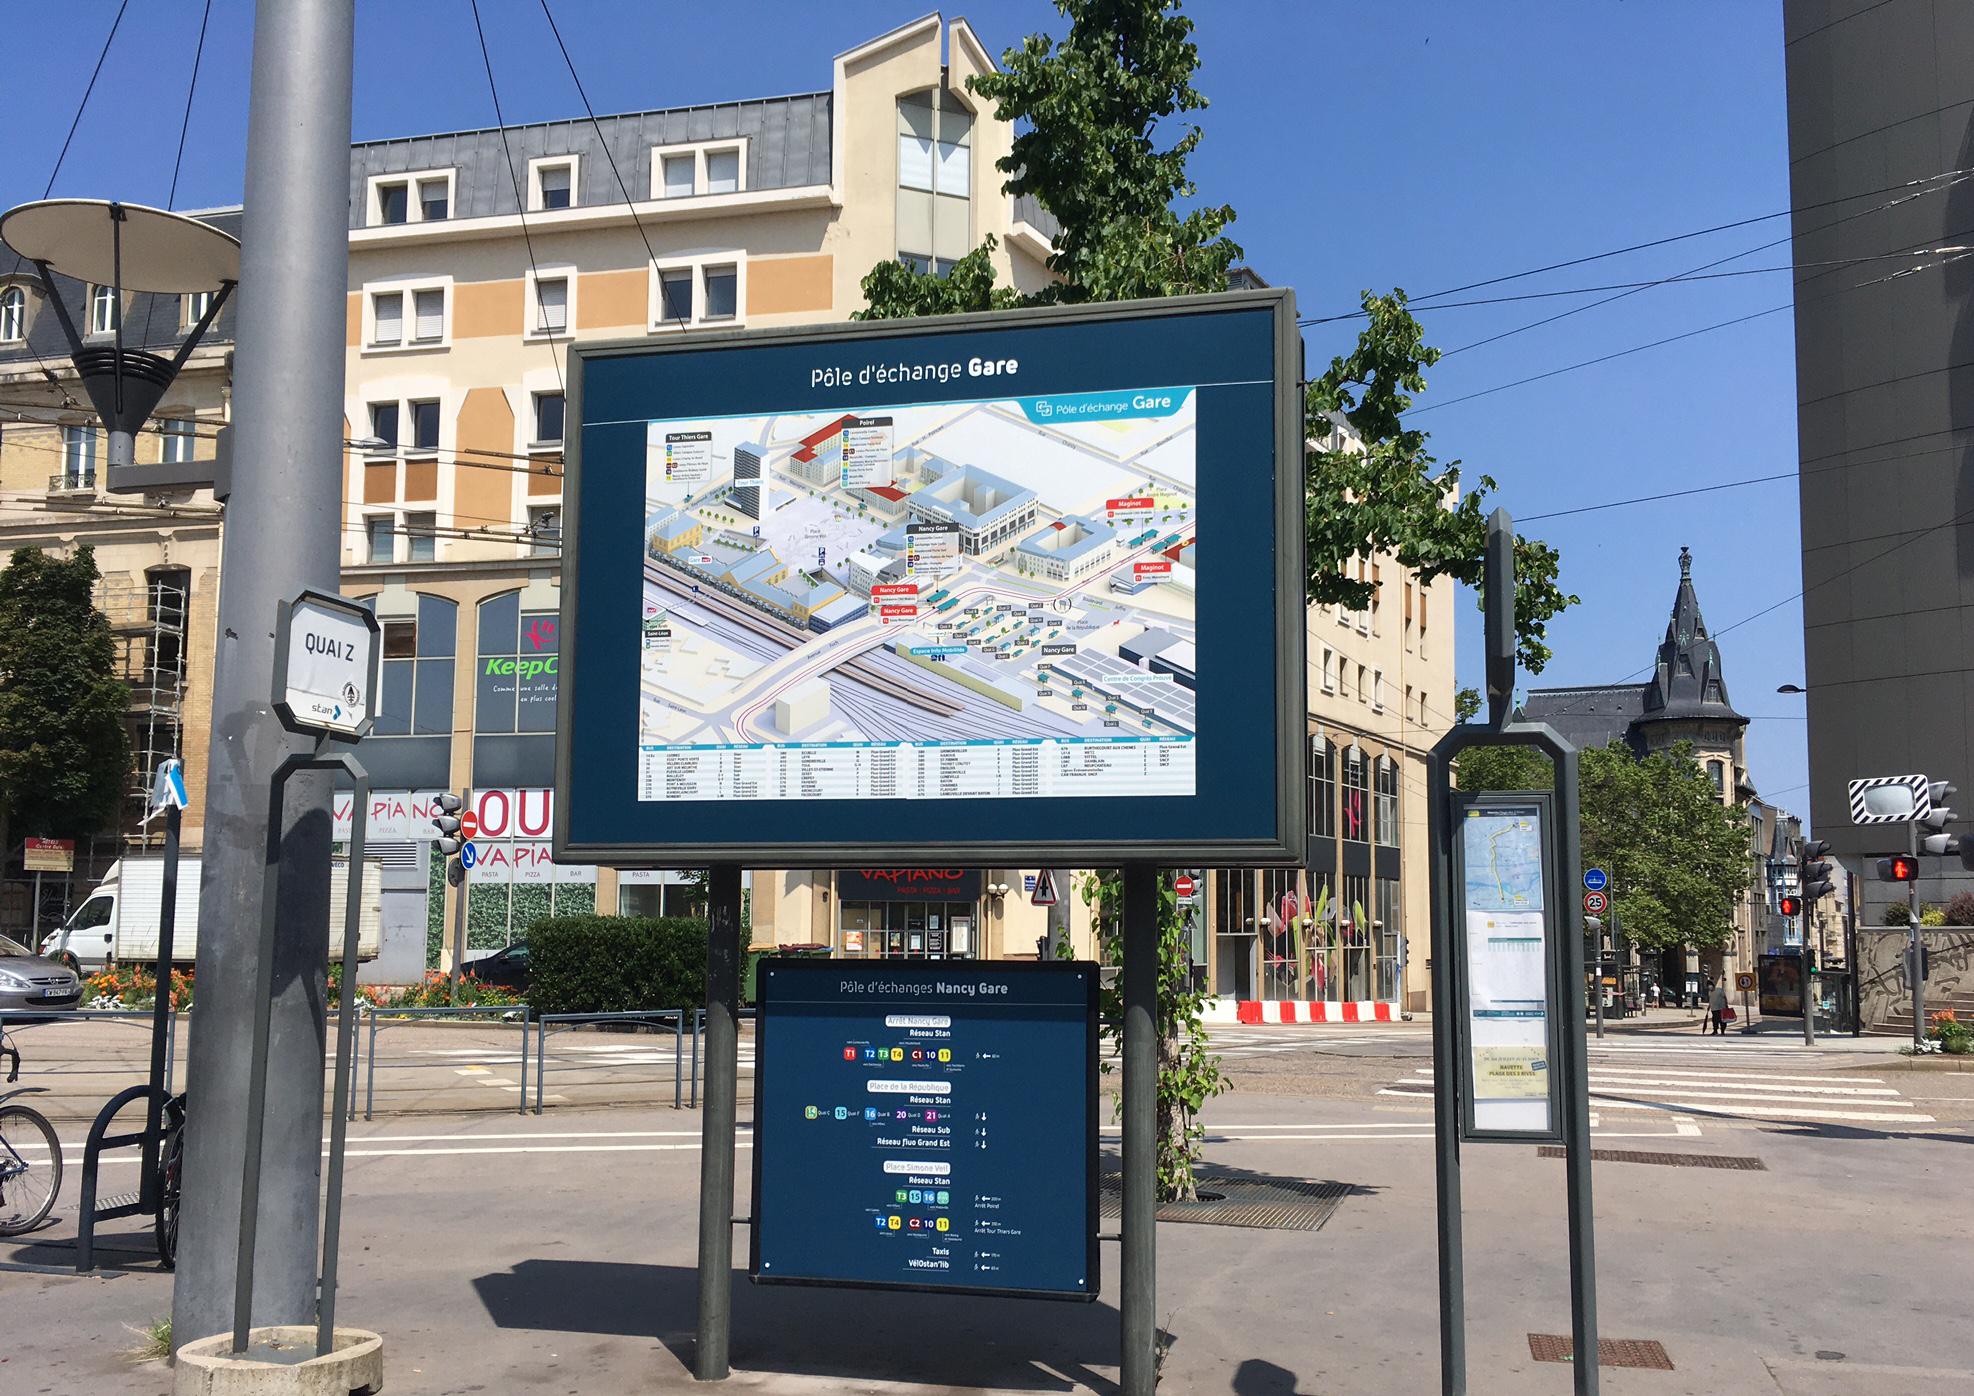 pole-echanges-multimodal-gare-nancy-republique-vue2